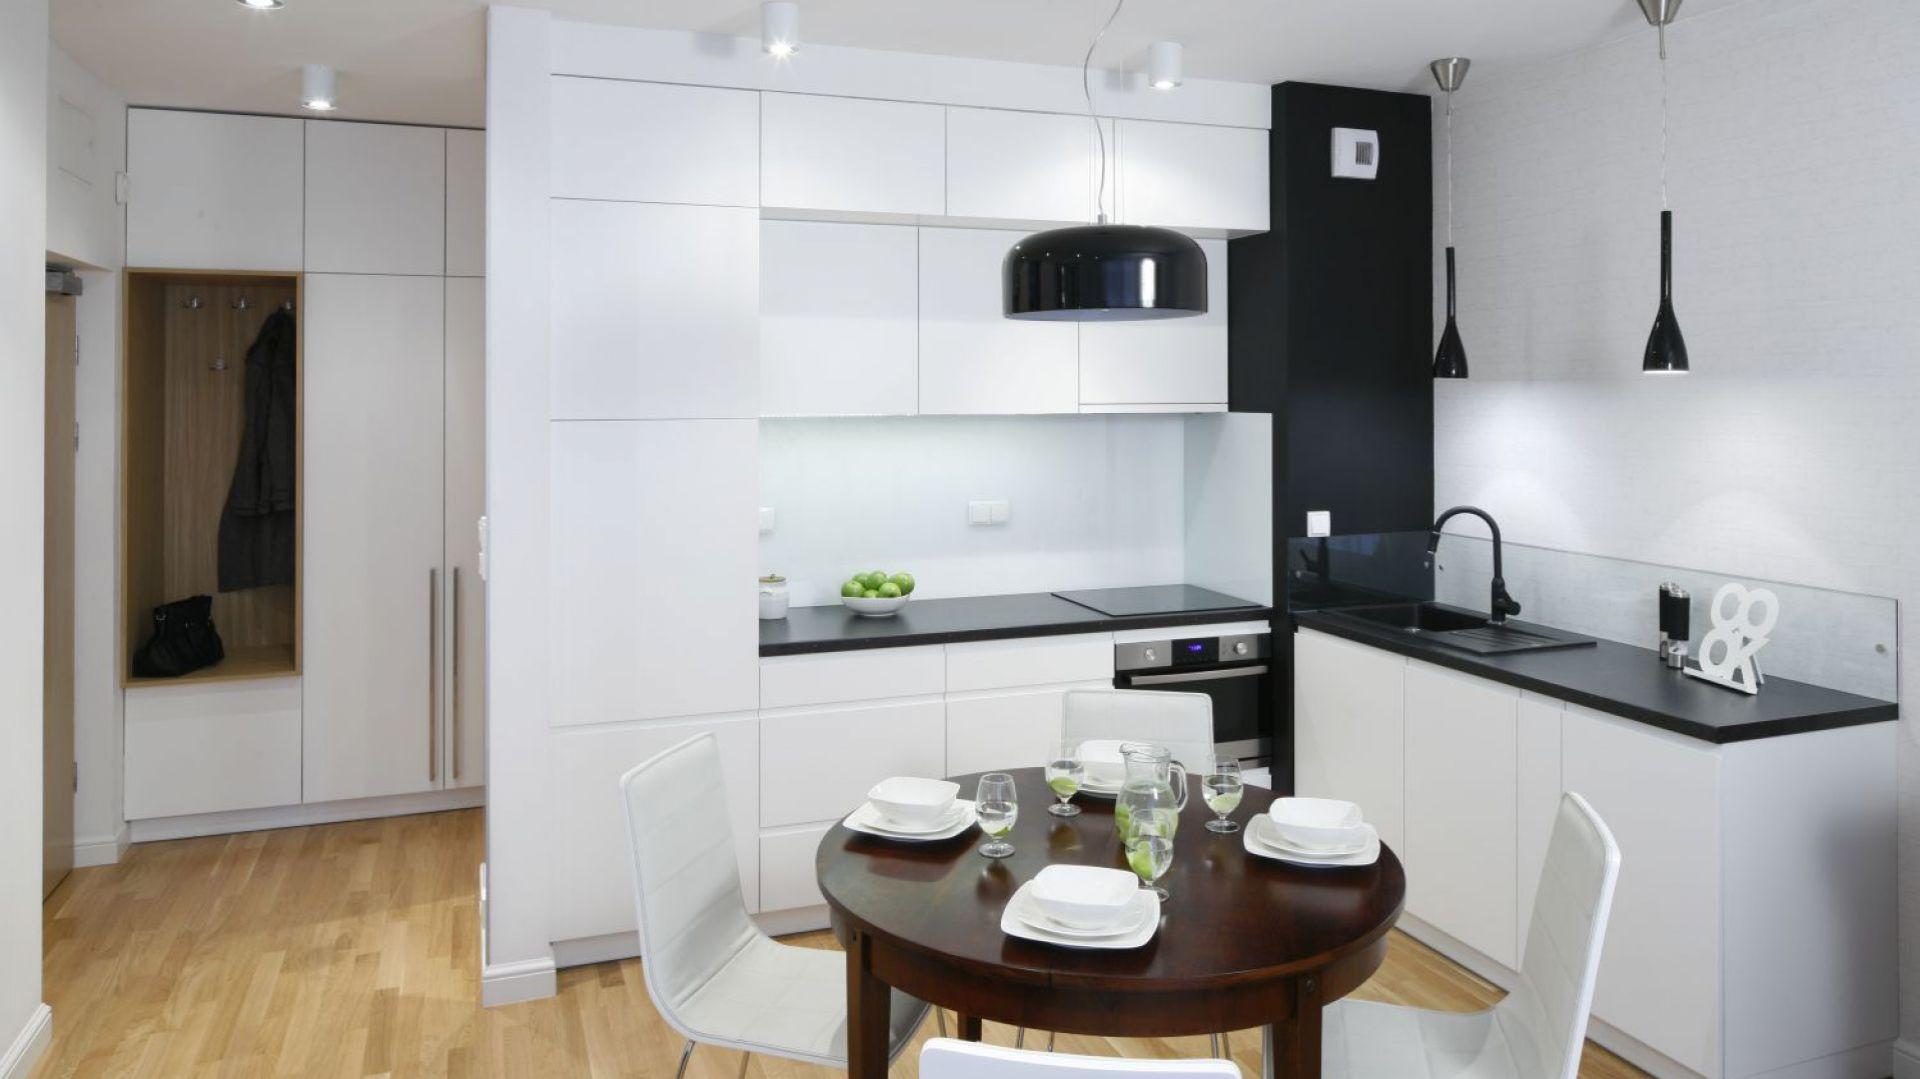 Ergonomiczna Kuchnia W Bloku Zobacz Jak Ją Urządzić